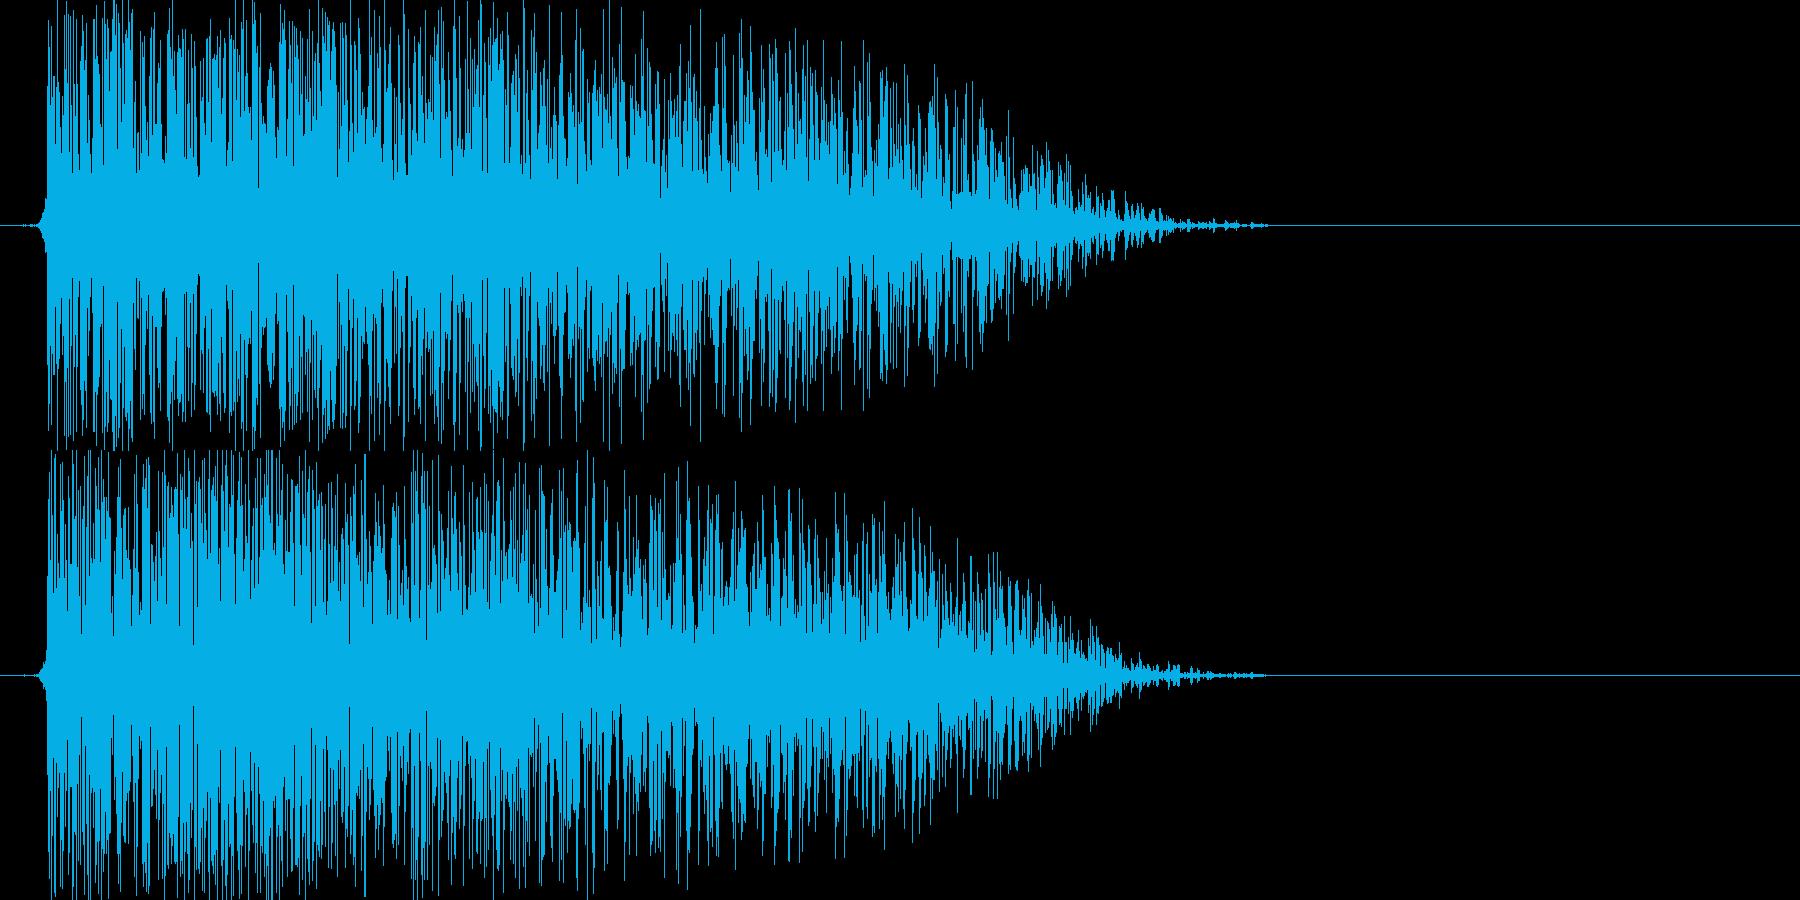 ボボボーゥ(拡散ミサイル、ショット音)の再生済みの波形